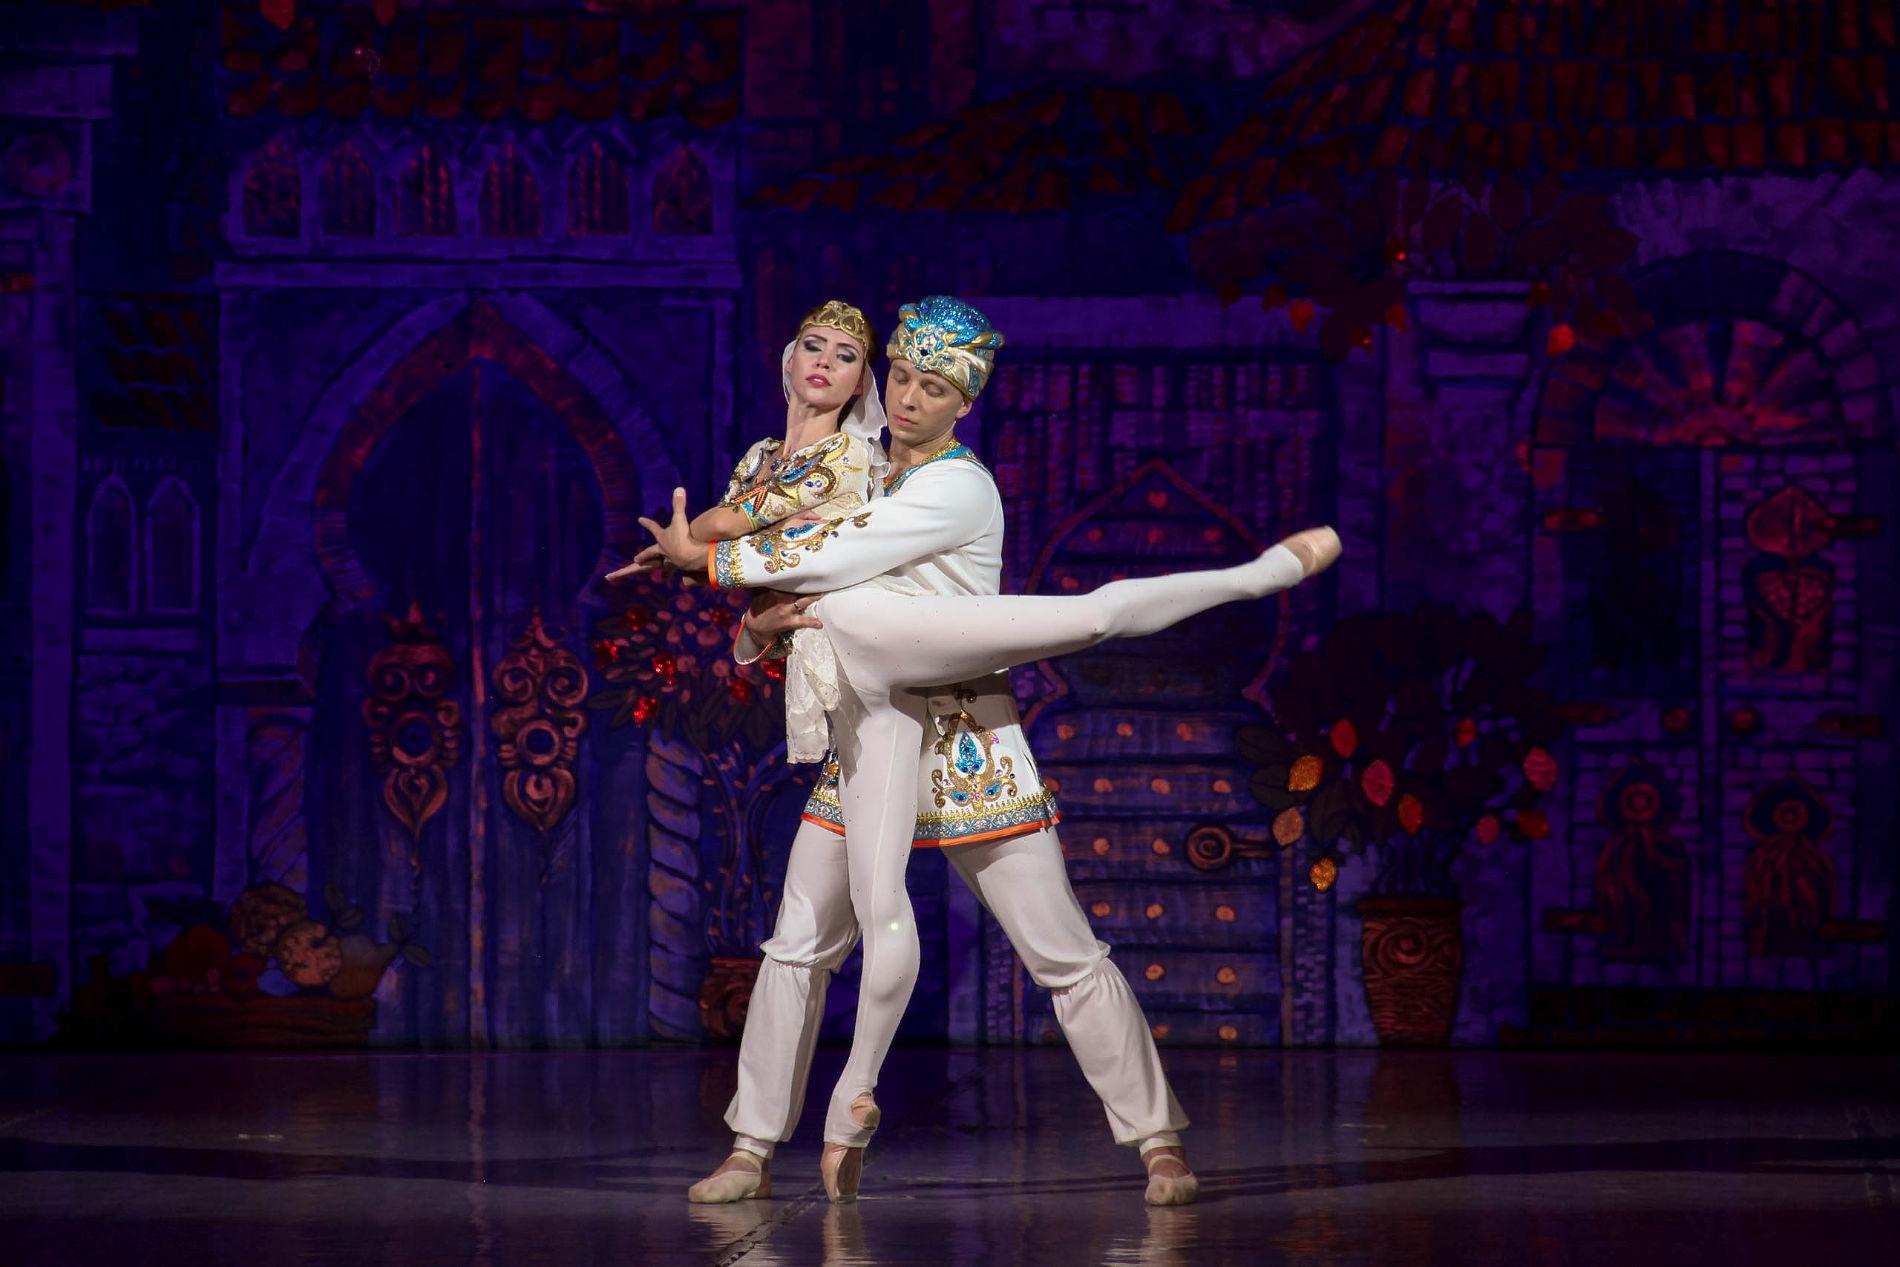 Балет «Али-Баба и сорок разбойников» ©Фотография предоставлена пресс-службой краснодарской филармонии